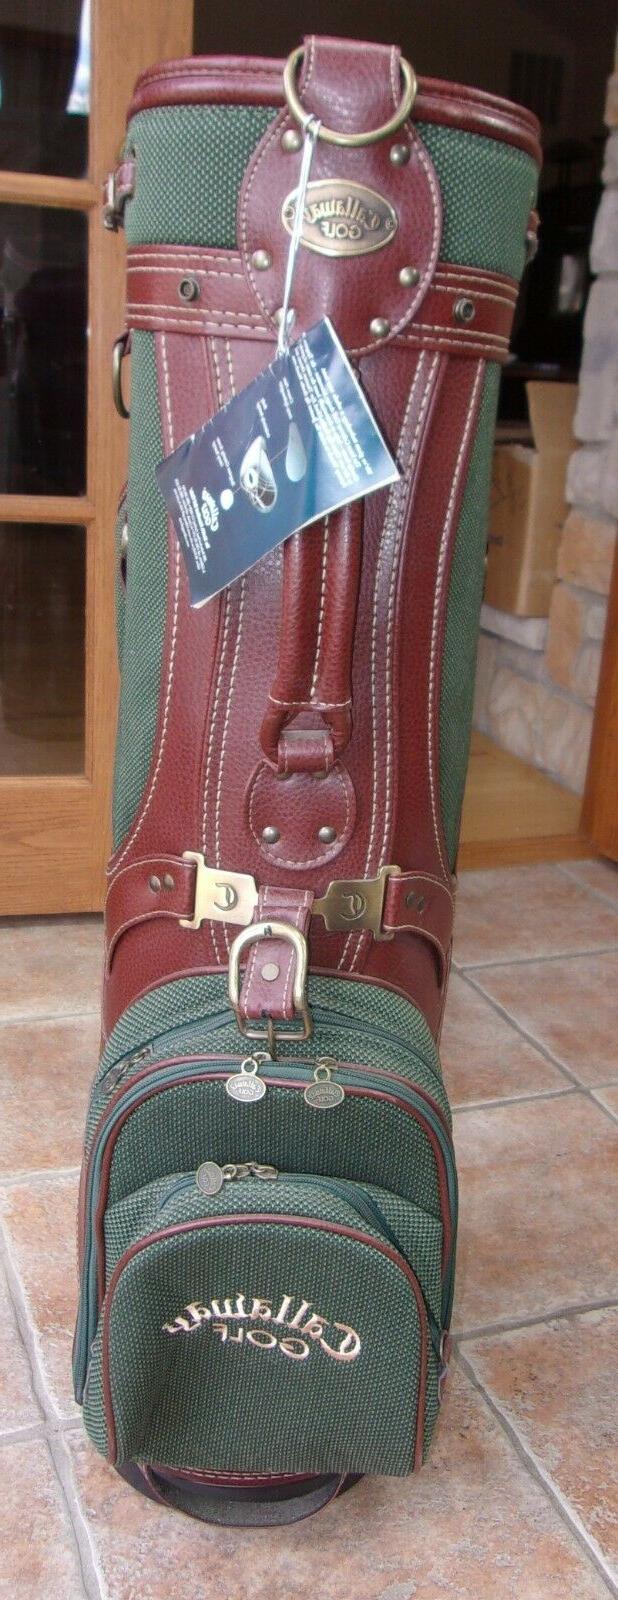 CART BAG WITH MISSING SHOULDER STRAP